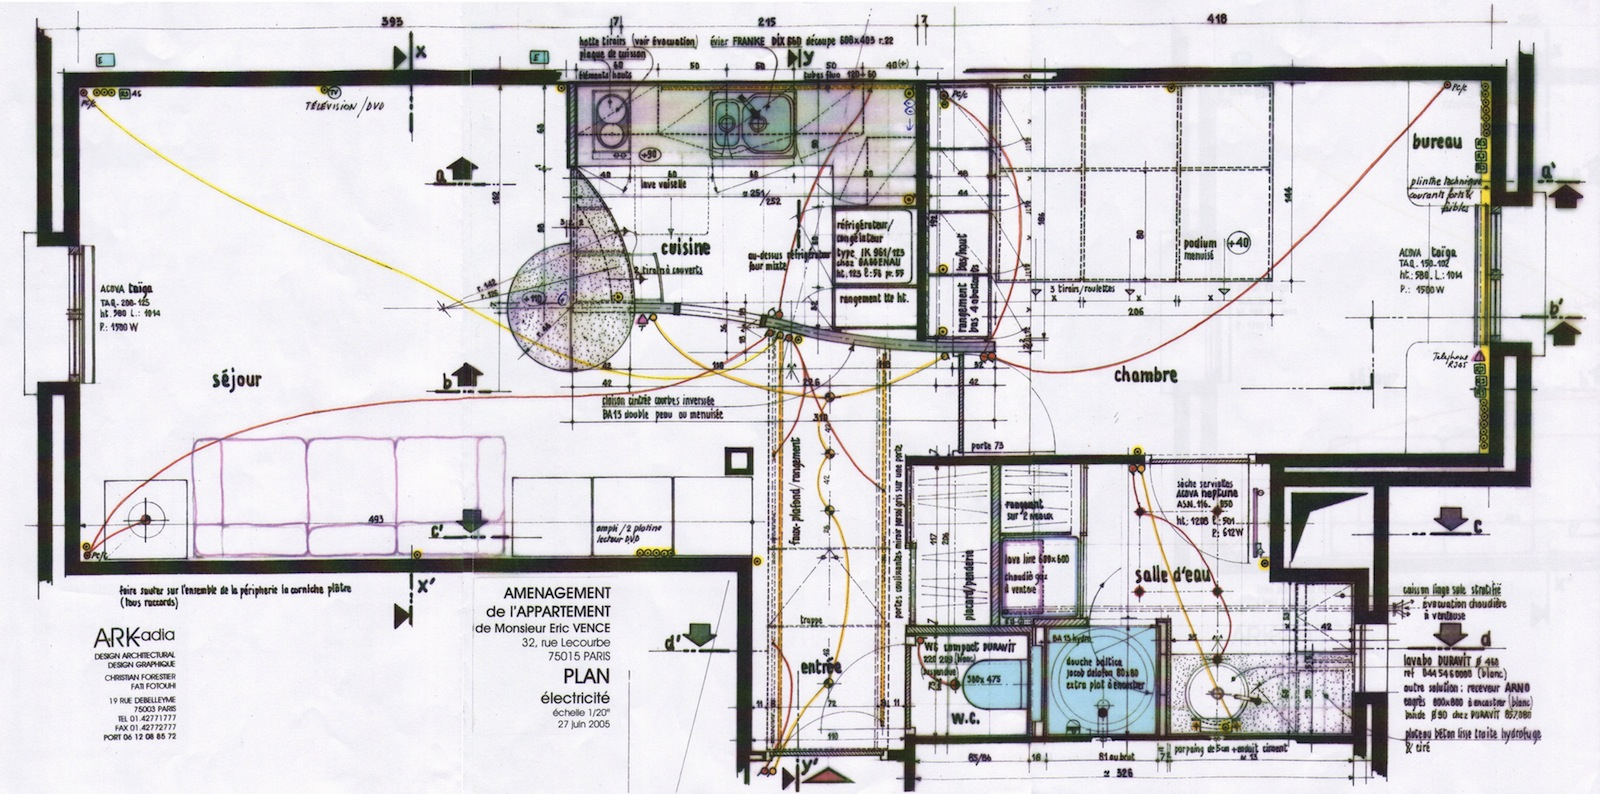 plan d'implantation électrique